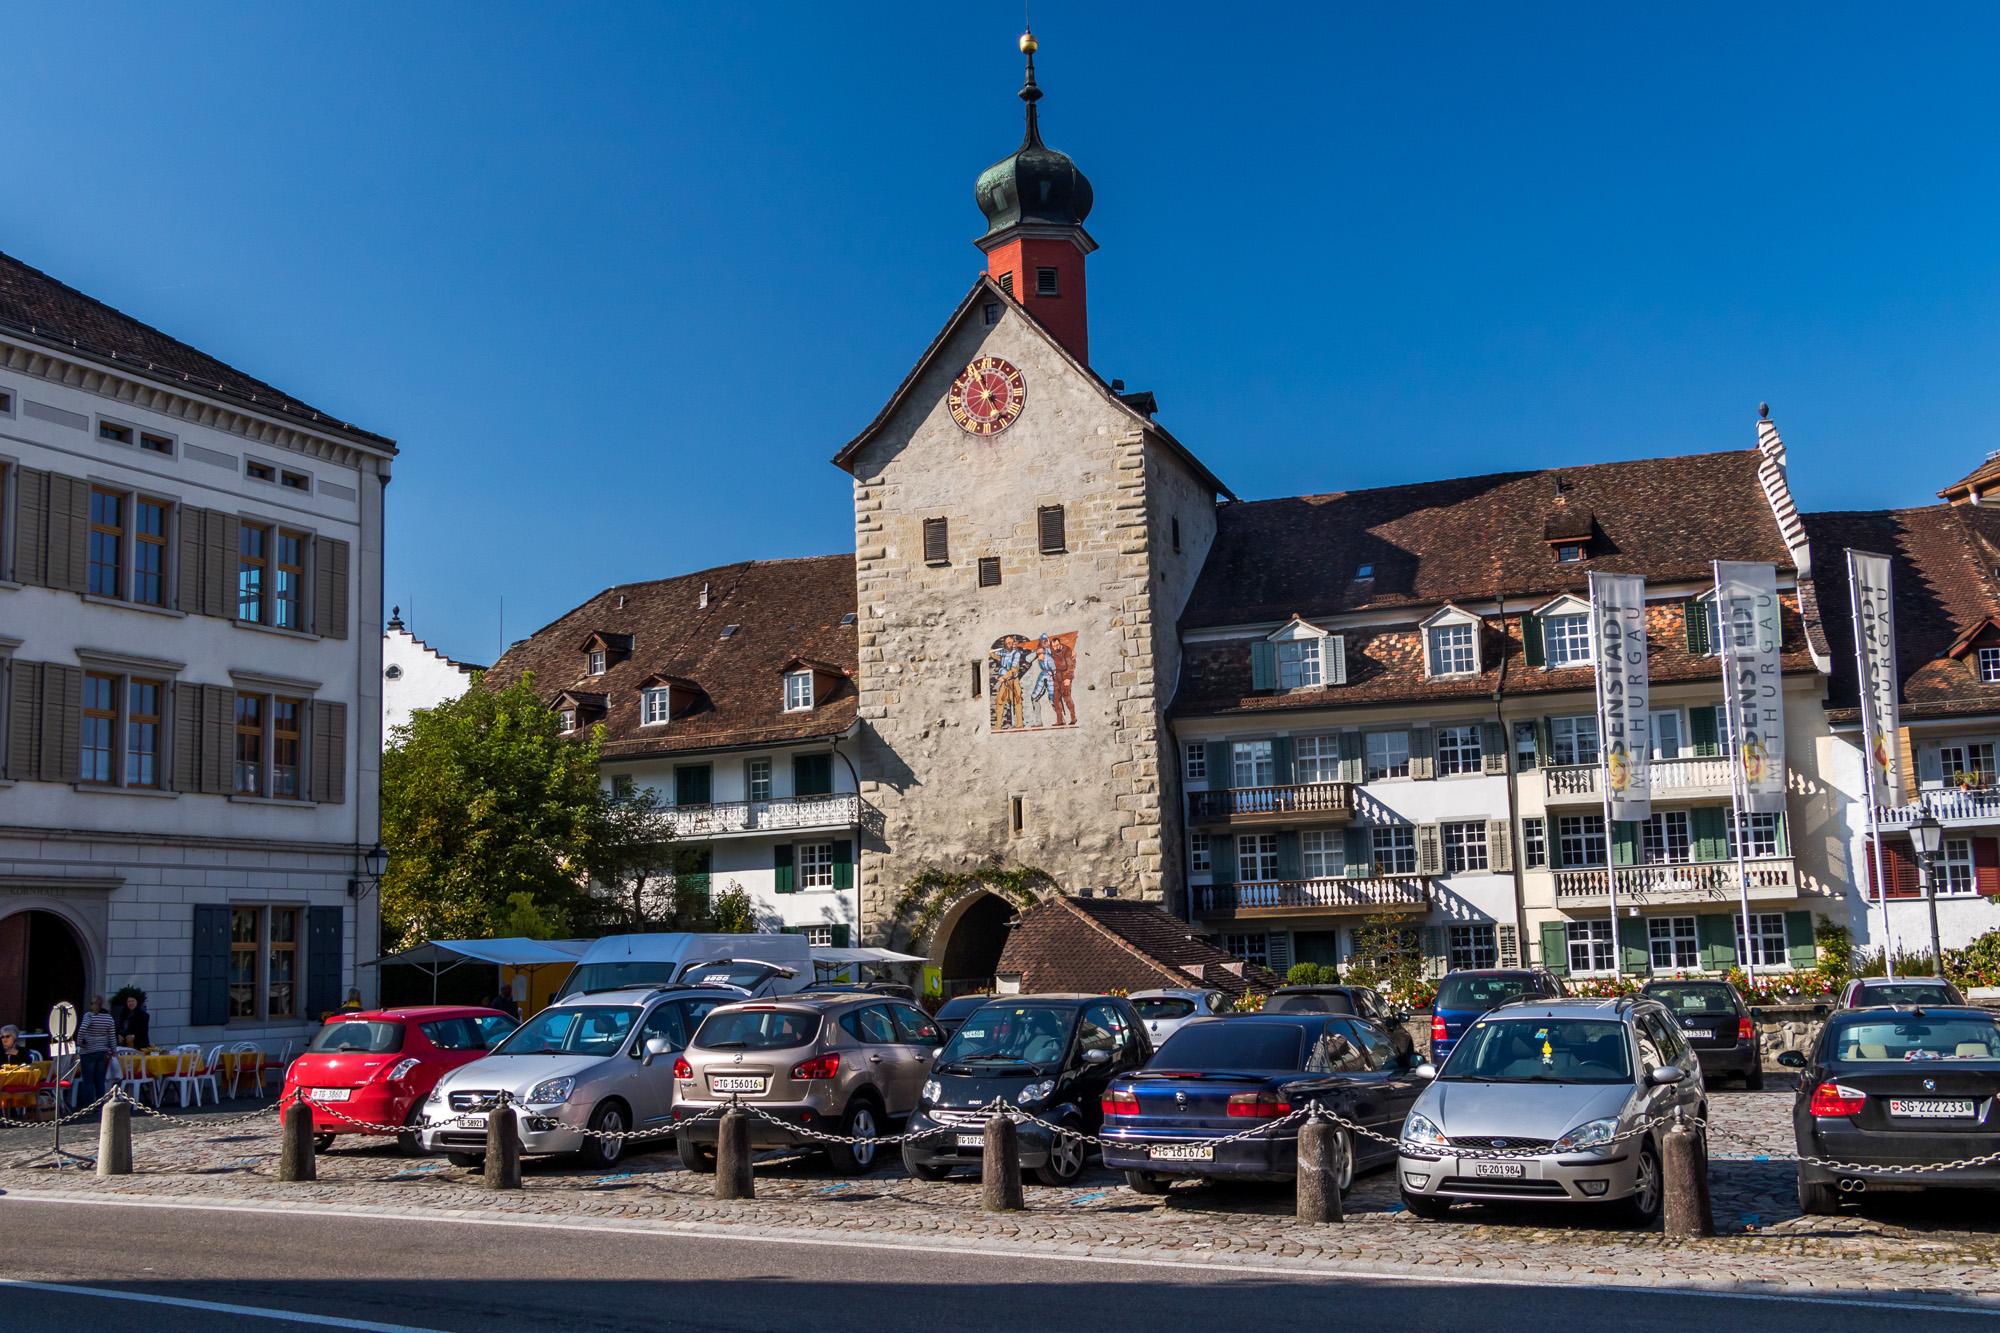 Adieu Bischofszell, und danke für die herzige Altstadt!